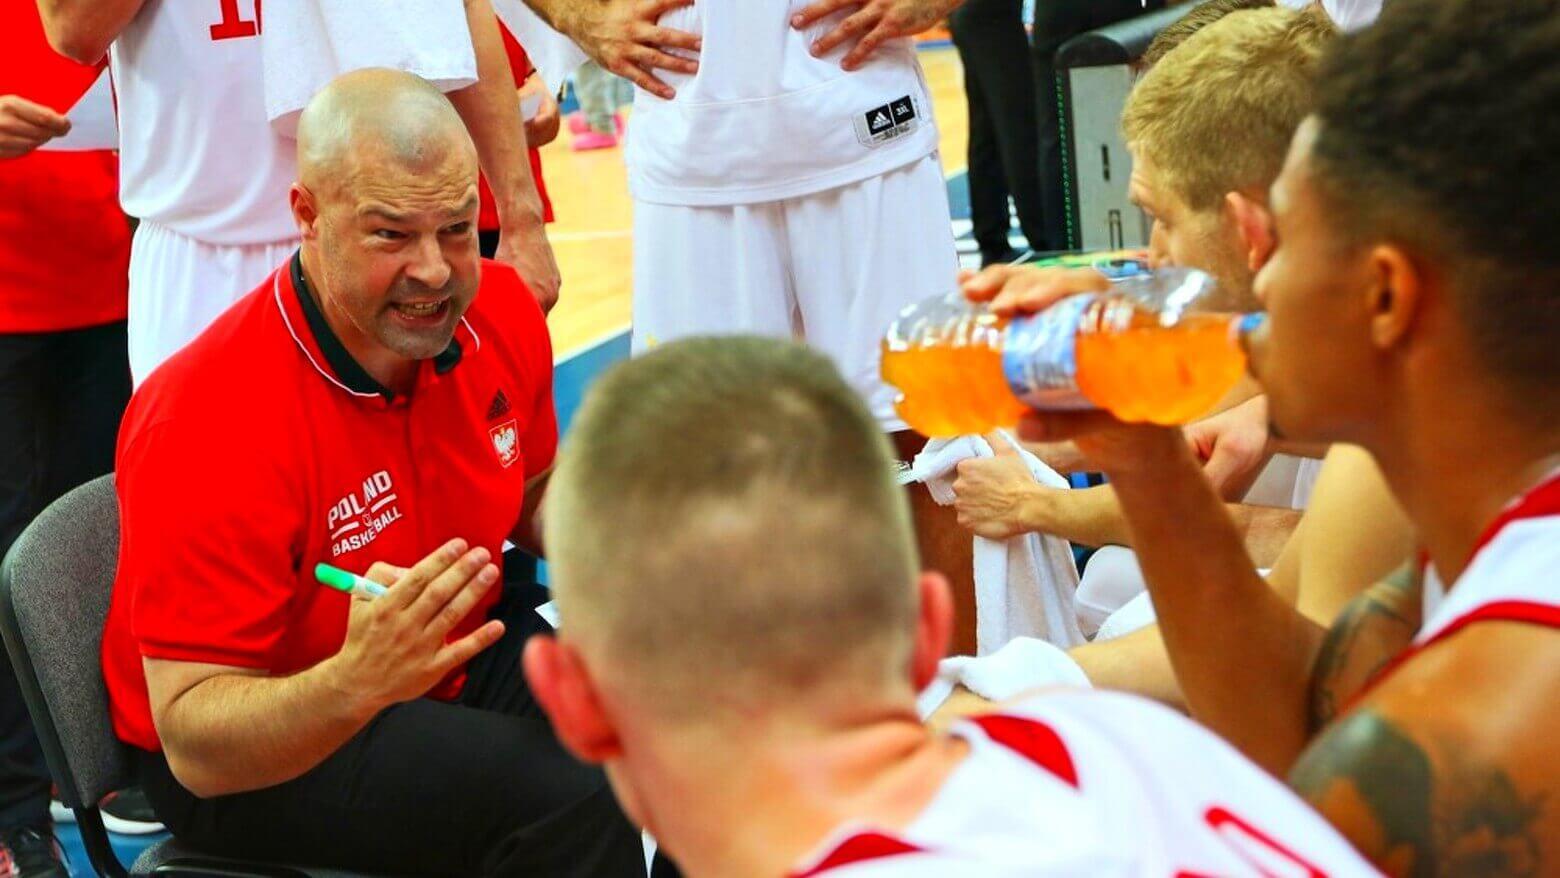 Drugi mecz Polski na EuroBaskecie – spotkanie, które trzeba po prostu wygrać. Jak wybrać bukmachera? Totolotek opinie